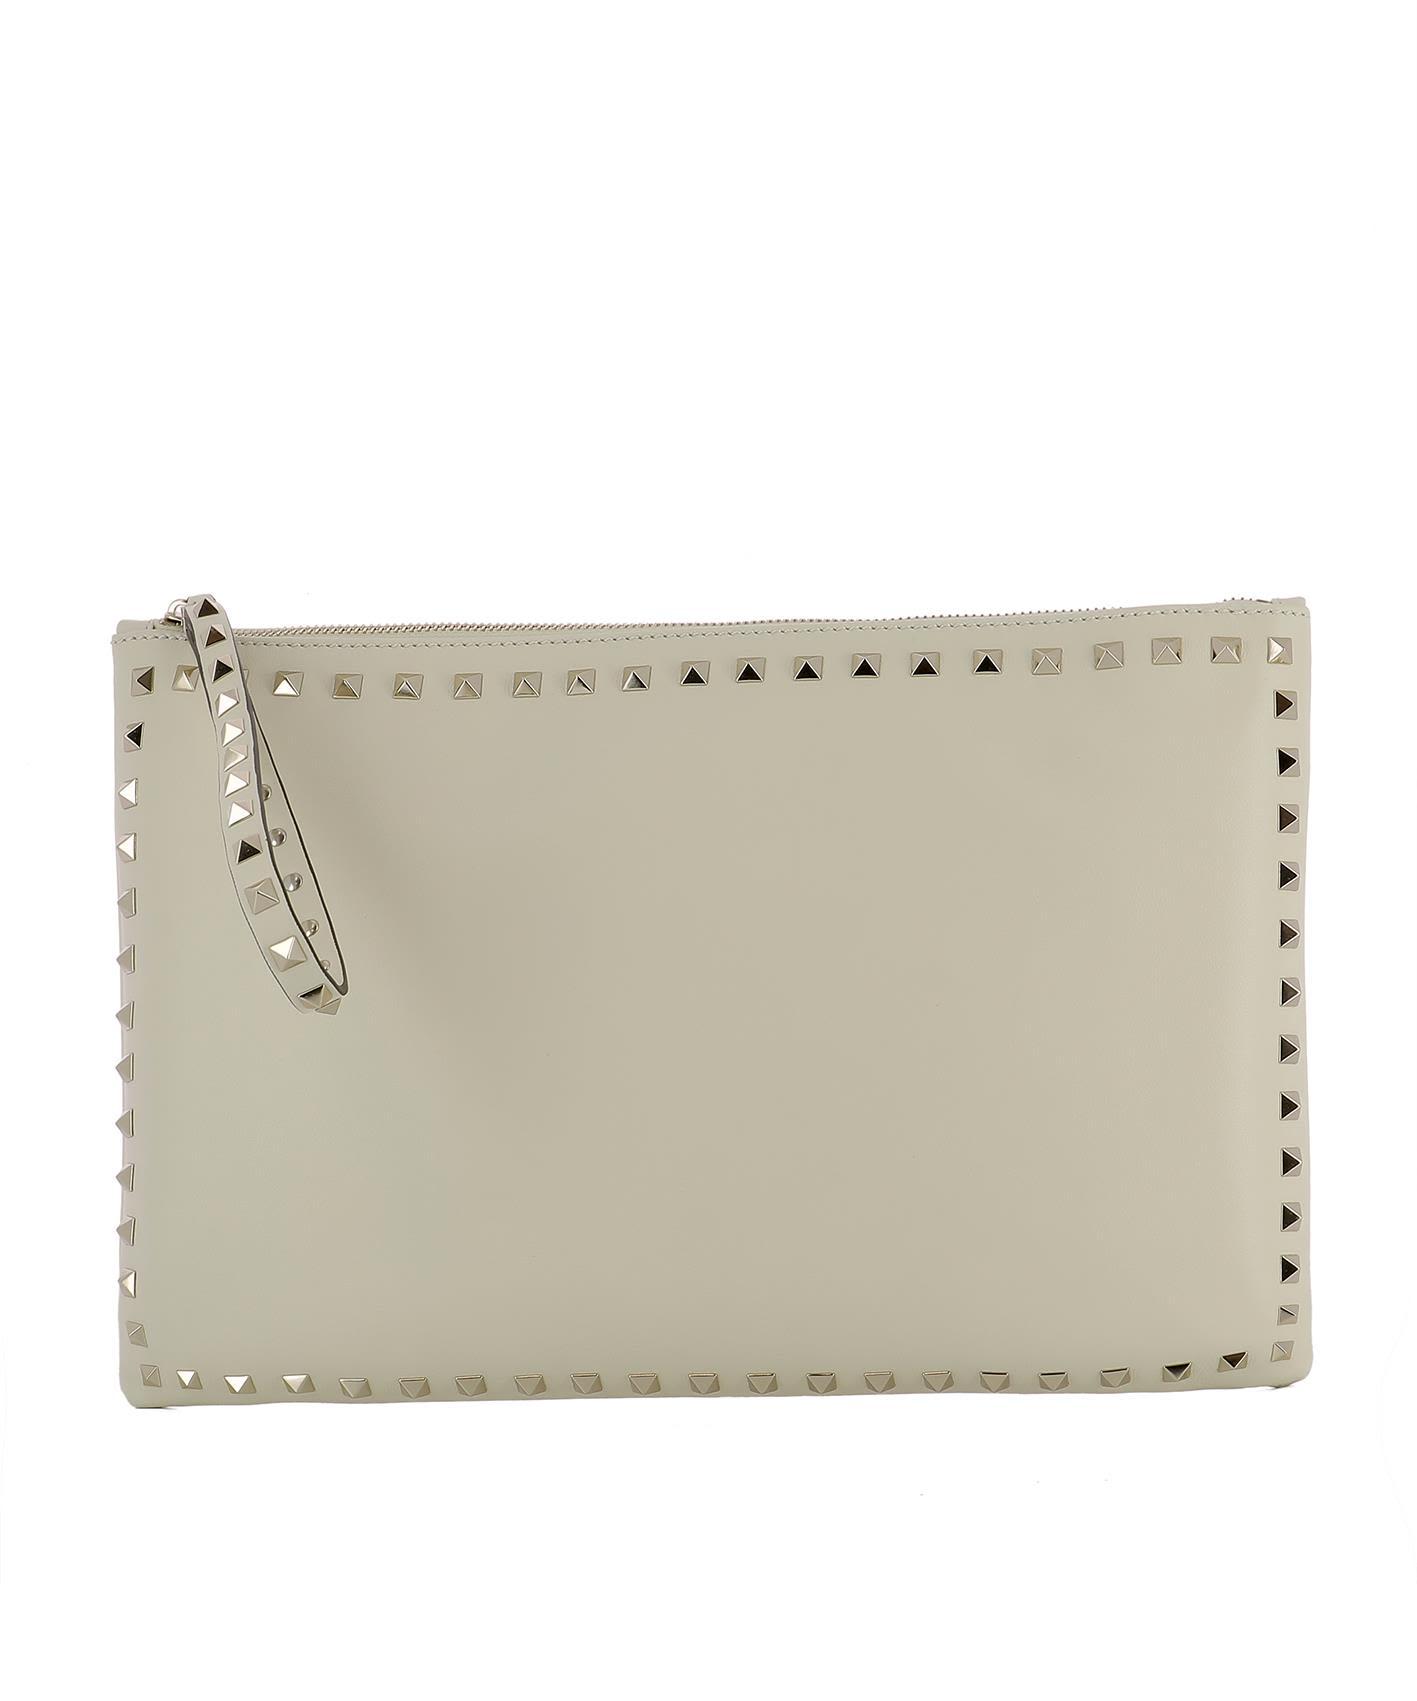 White Leather Pochette